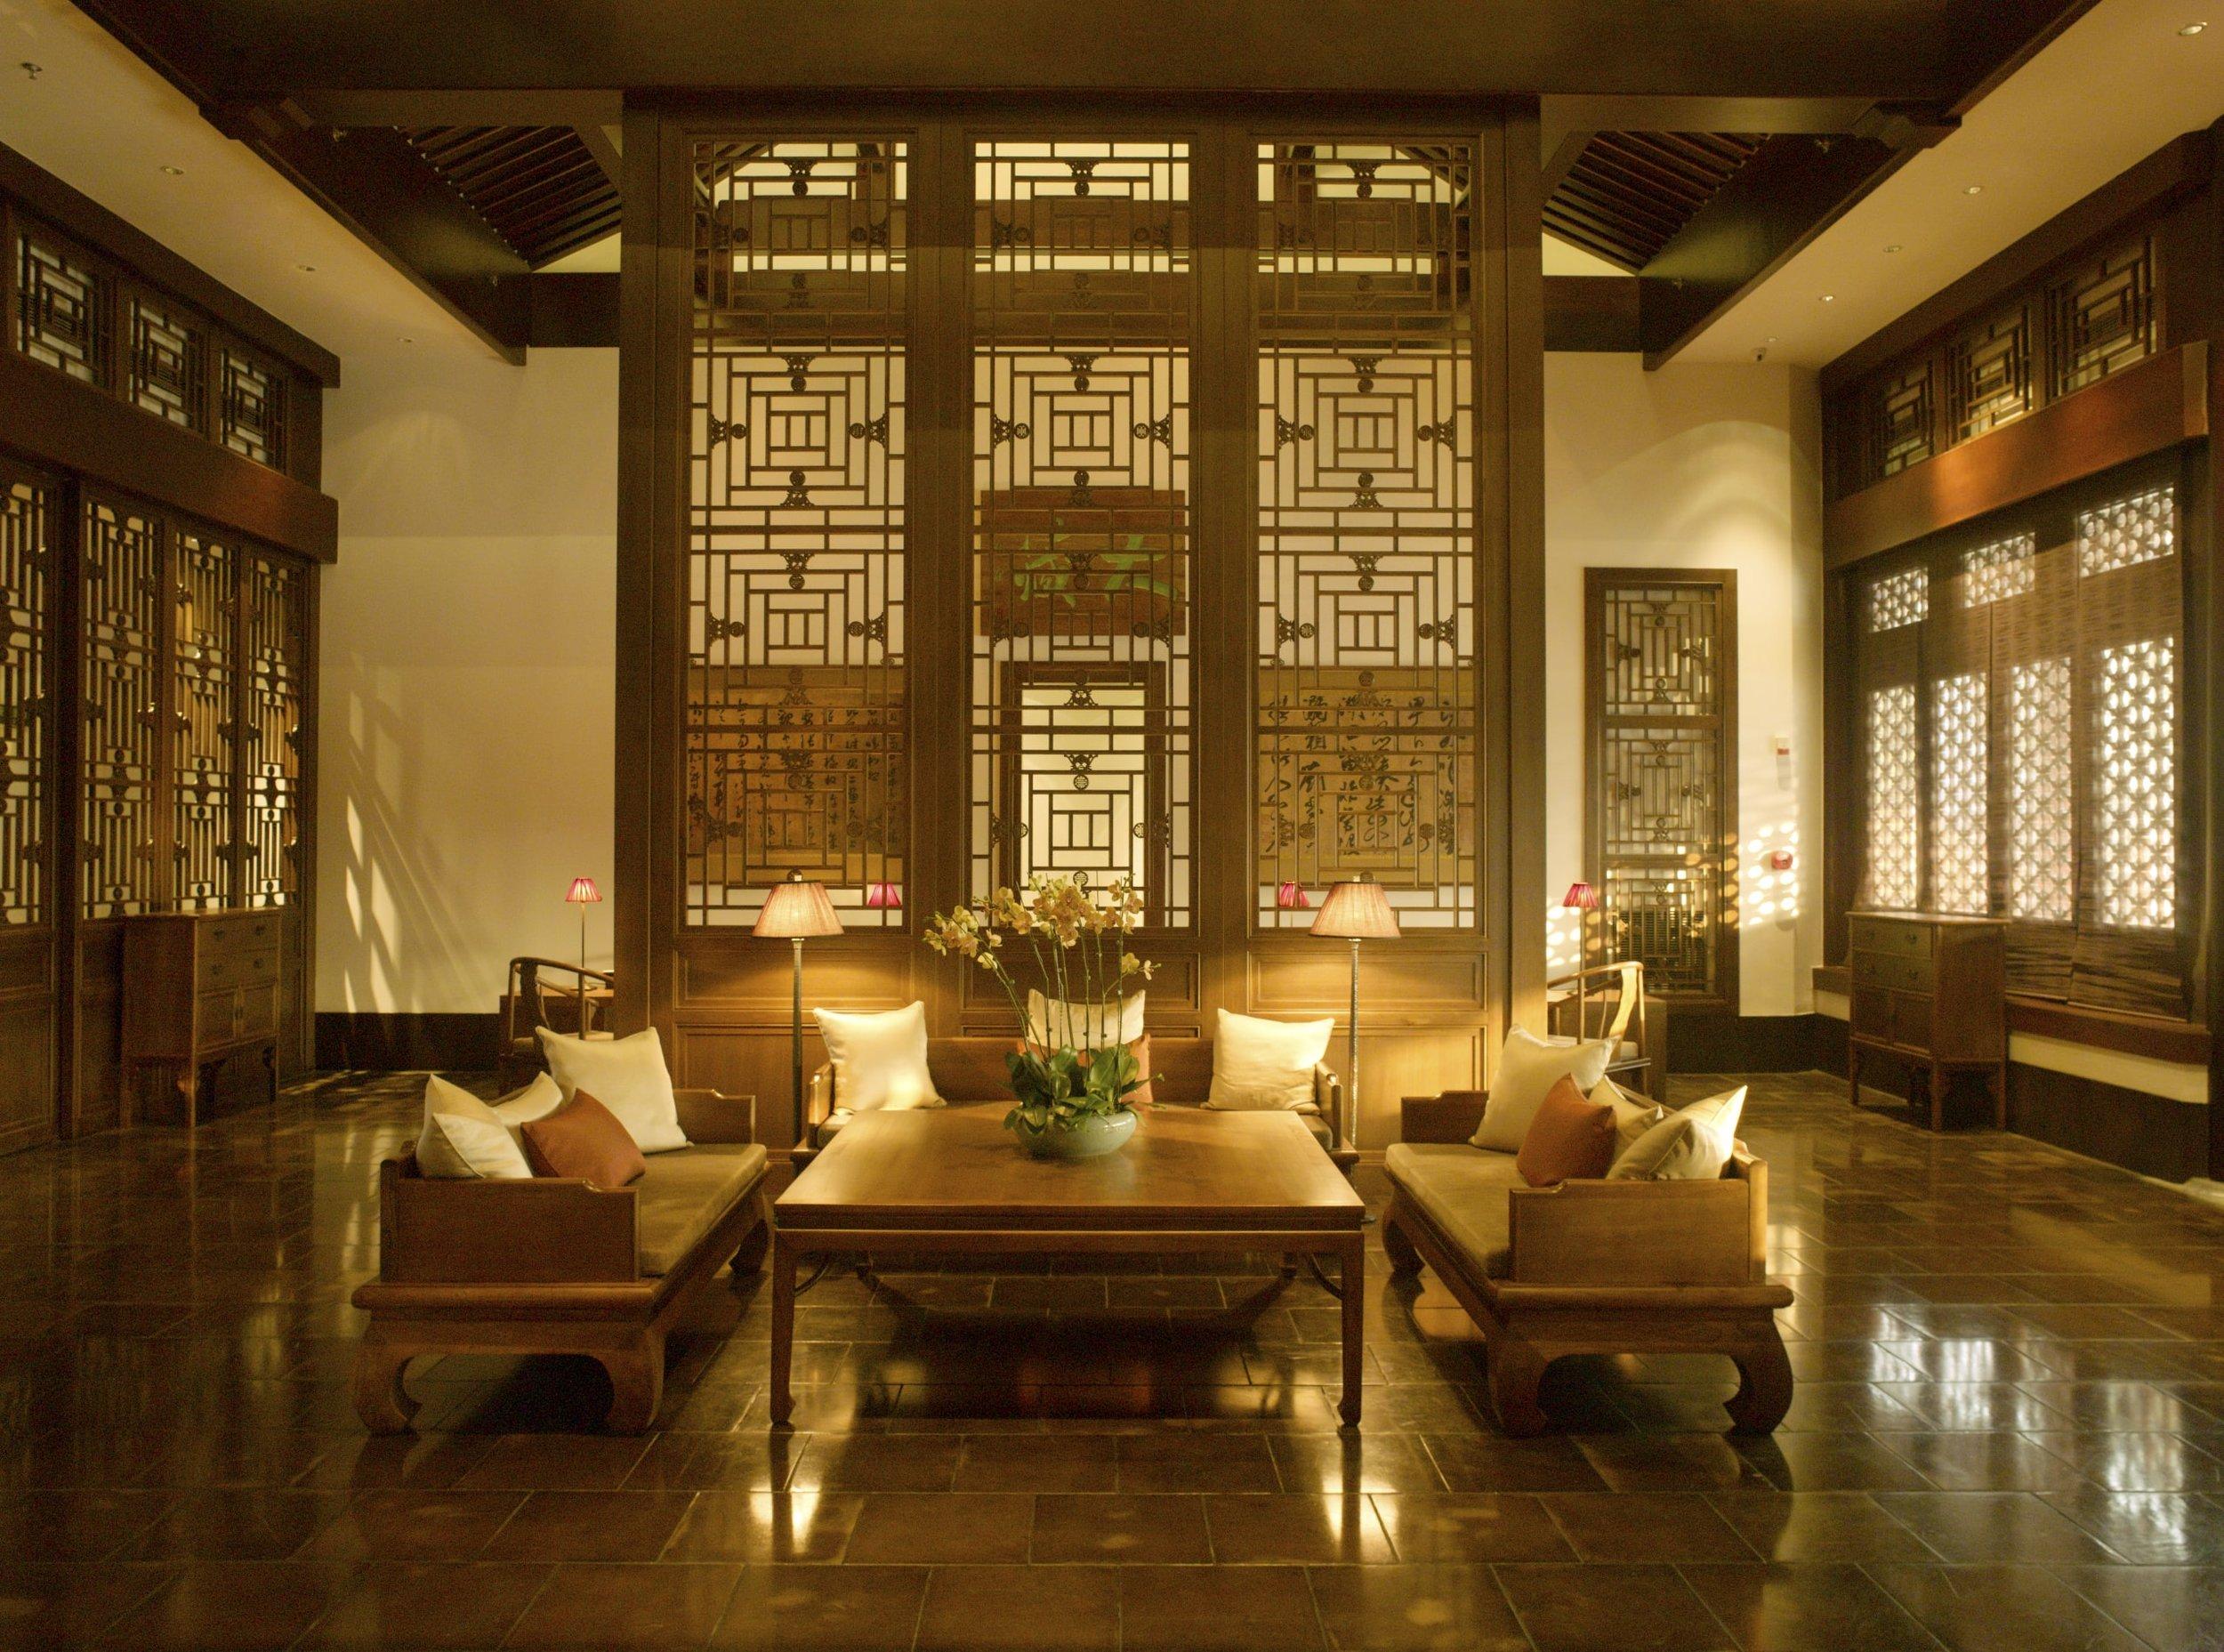 Aman Summer Palace, China